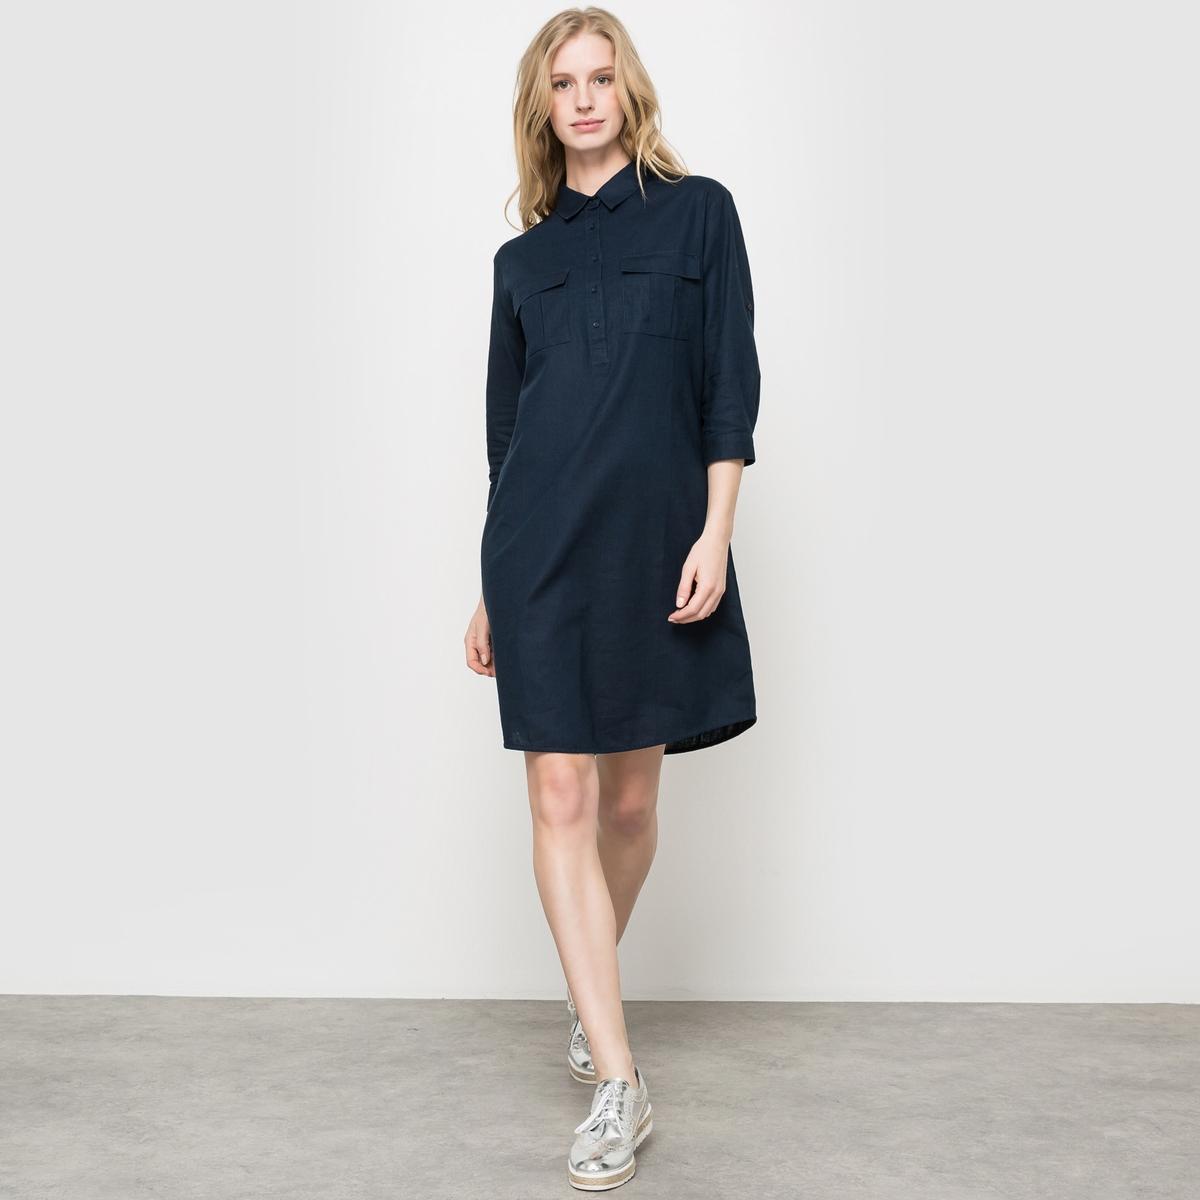 Платье из льна и хлопкаПлатье.  53% льна, 47% хлопка.  Рубашечный воротник с планкой застежки на пуговицы. 2 кармана с клапаном спереди. Длинные рукава с отворотами и планкой застежки на пуговицу. Закругленный низ. Длина ок.87 см.<br><br>Цвет: синий морской<br>Размер: 38 (FR) - 44 (RUS)